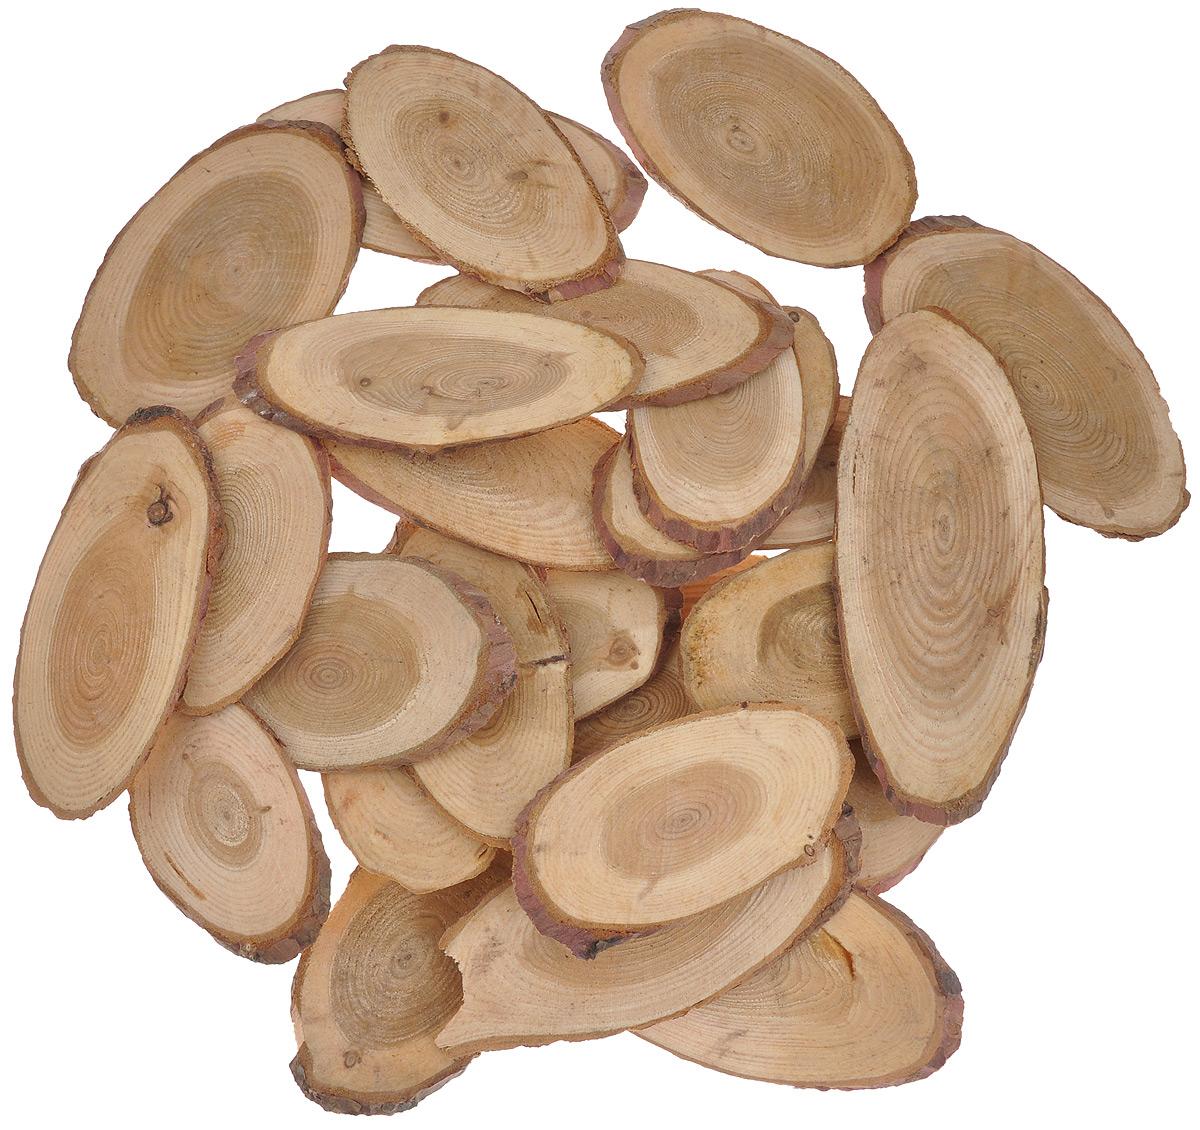 Декоративный элемент Dongjiang Art, цвет: натуральное дерево, толщина 4 мм, 250 г. 770897955052Декоративный элемент Dongjiang Art, изготовленный из натурального дерева, предназначен для украшения цветочных композиций. Изделие можно также использовать в технике скрапбукинг и многом другом. Флористика - вид декоративно-прикладного искусства, который использует живые, засушенные или консервированные природные материалы для создания флористических работ. Это целый мир, в котором естьместо и строгому математическому расчету, и вдохновению.Толщина среза: 4 мм. Средний размер элемента: 4,5 см х 8,5 см.